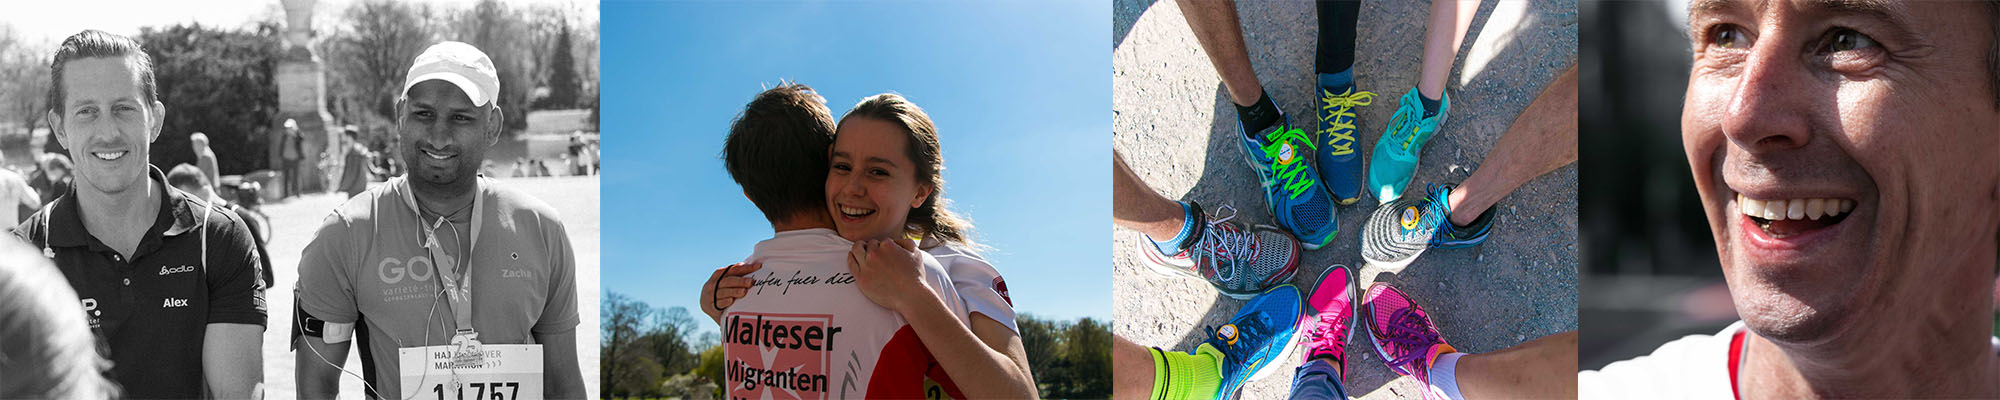 HAJ Marathon Hannover Bilderreihe 2